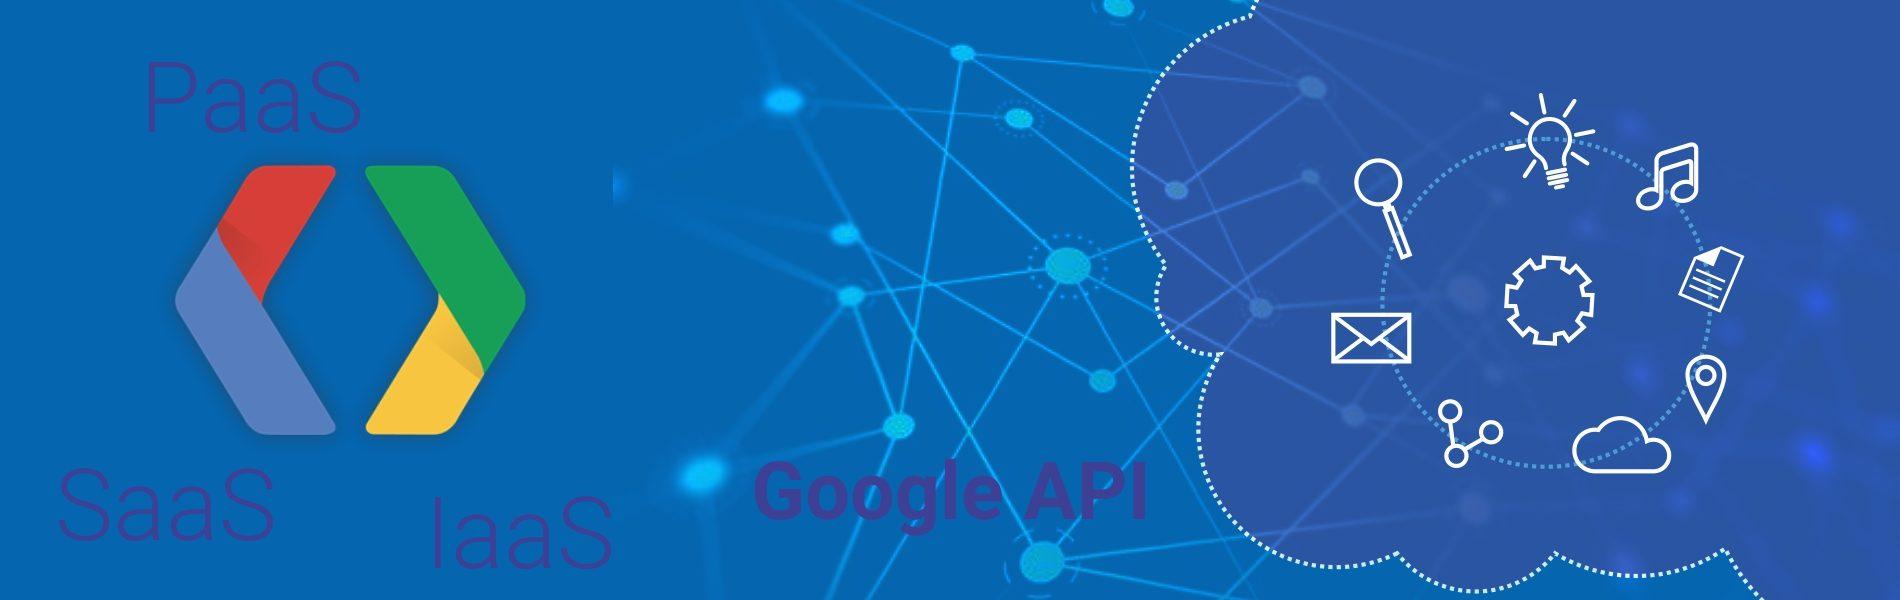 blog images-googleapi